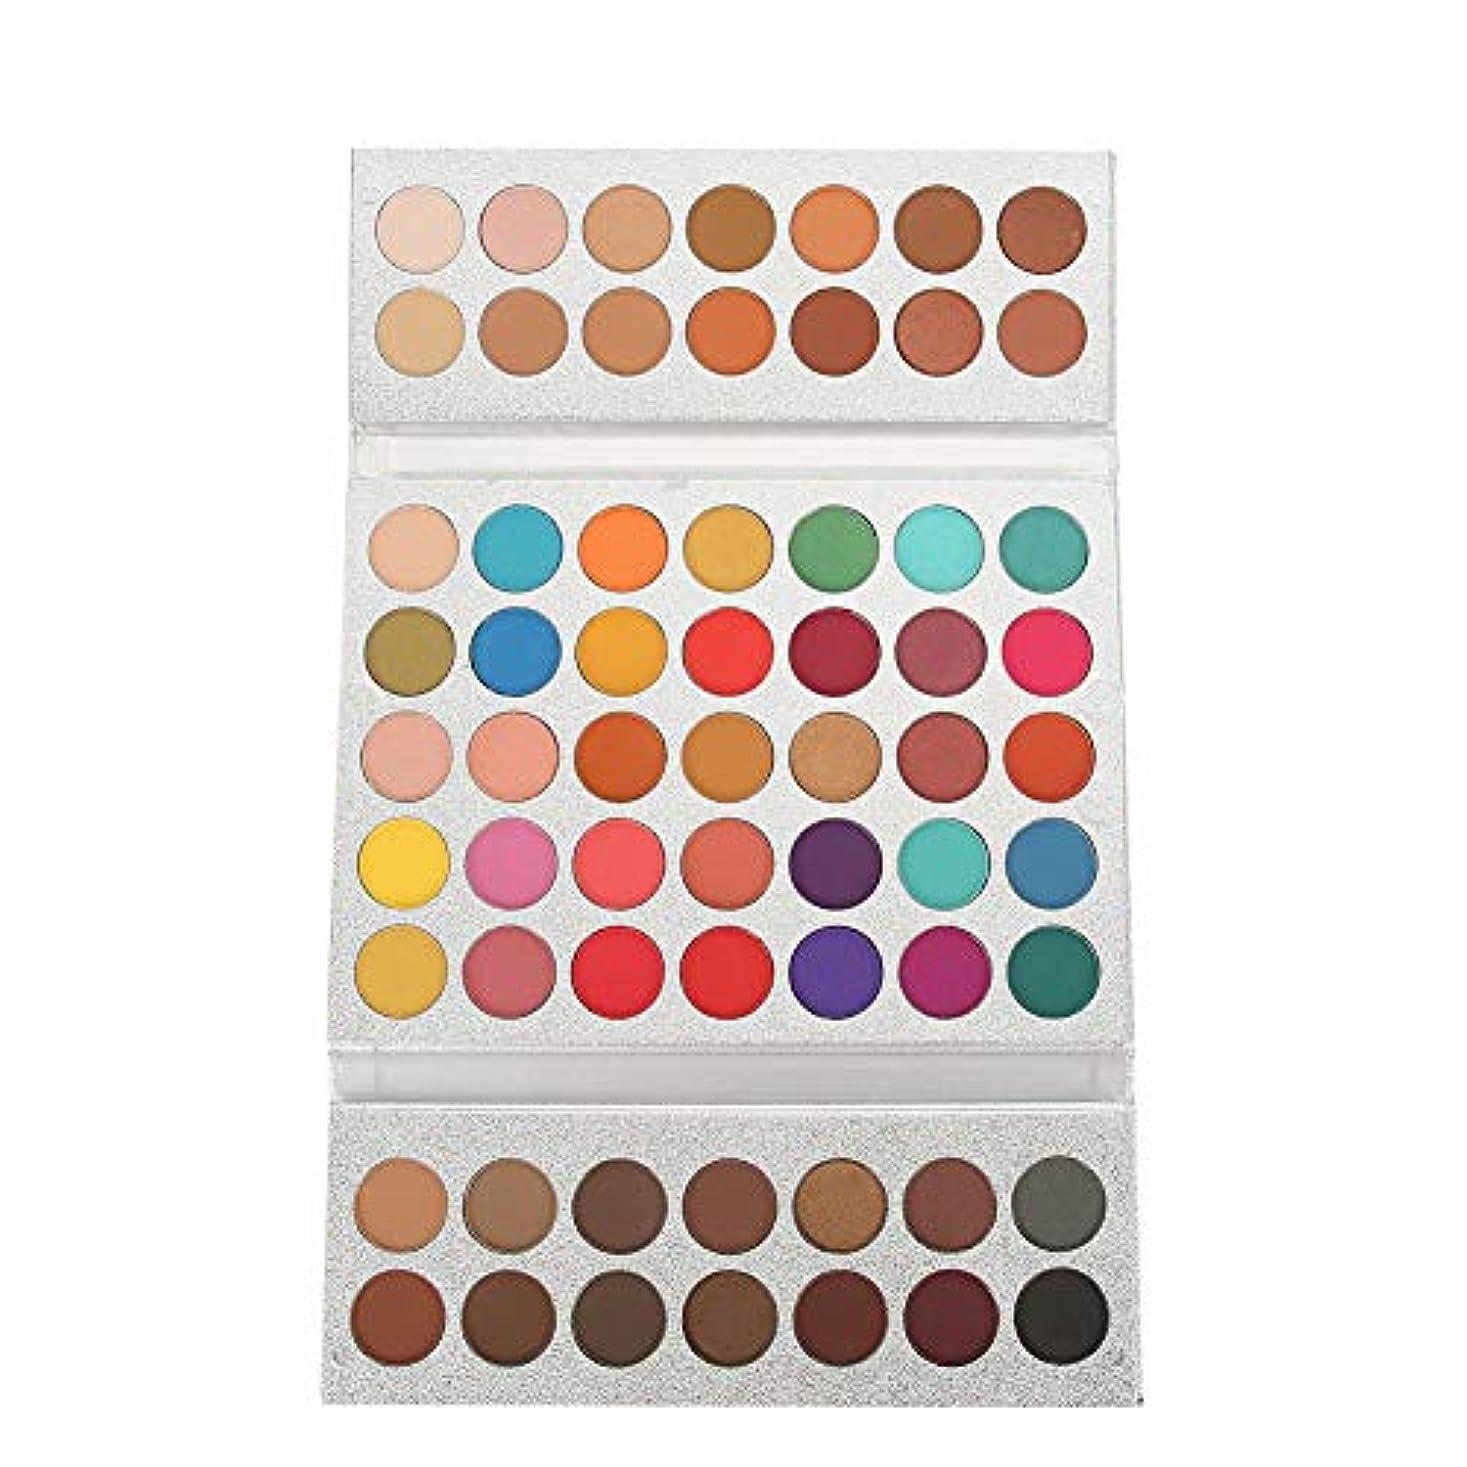 移植見える特権的アイシャドウパレット63色、美容真珠光沢マットアイ化粧品メイクアップパレット